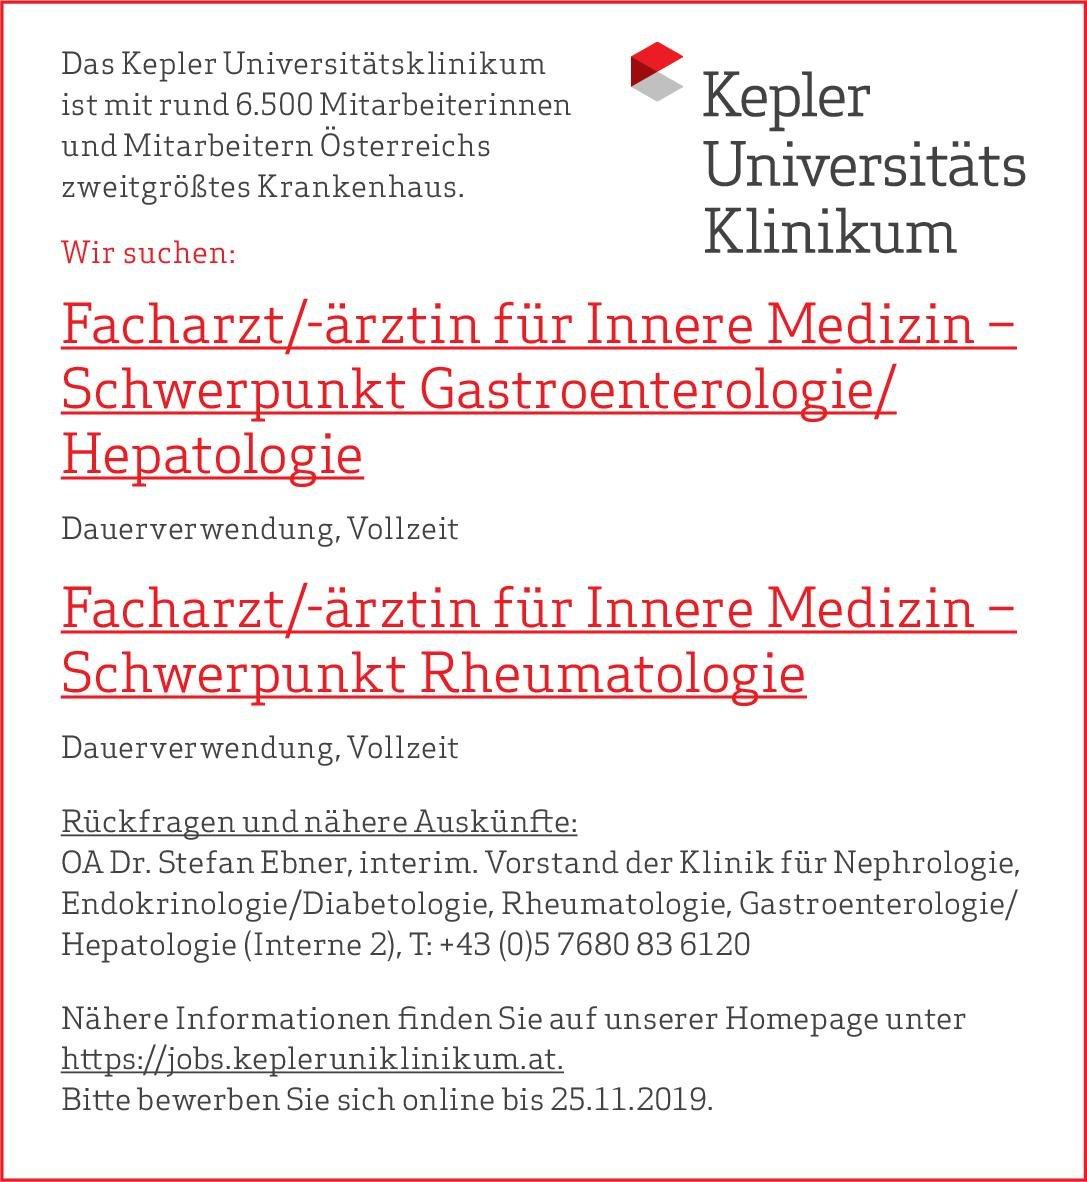 Kepler Universitätsklinikum Facharzt/-ärztin für Innere Medizin –Schwerpunkt Rheumatologie  Innere Medizin und Rheumatologie, Innere Medizin Arzt / Facharzt